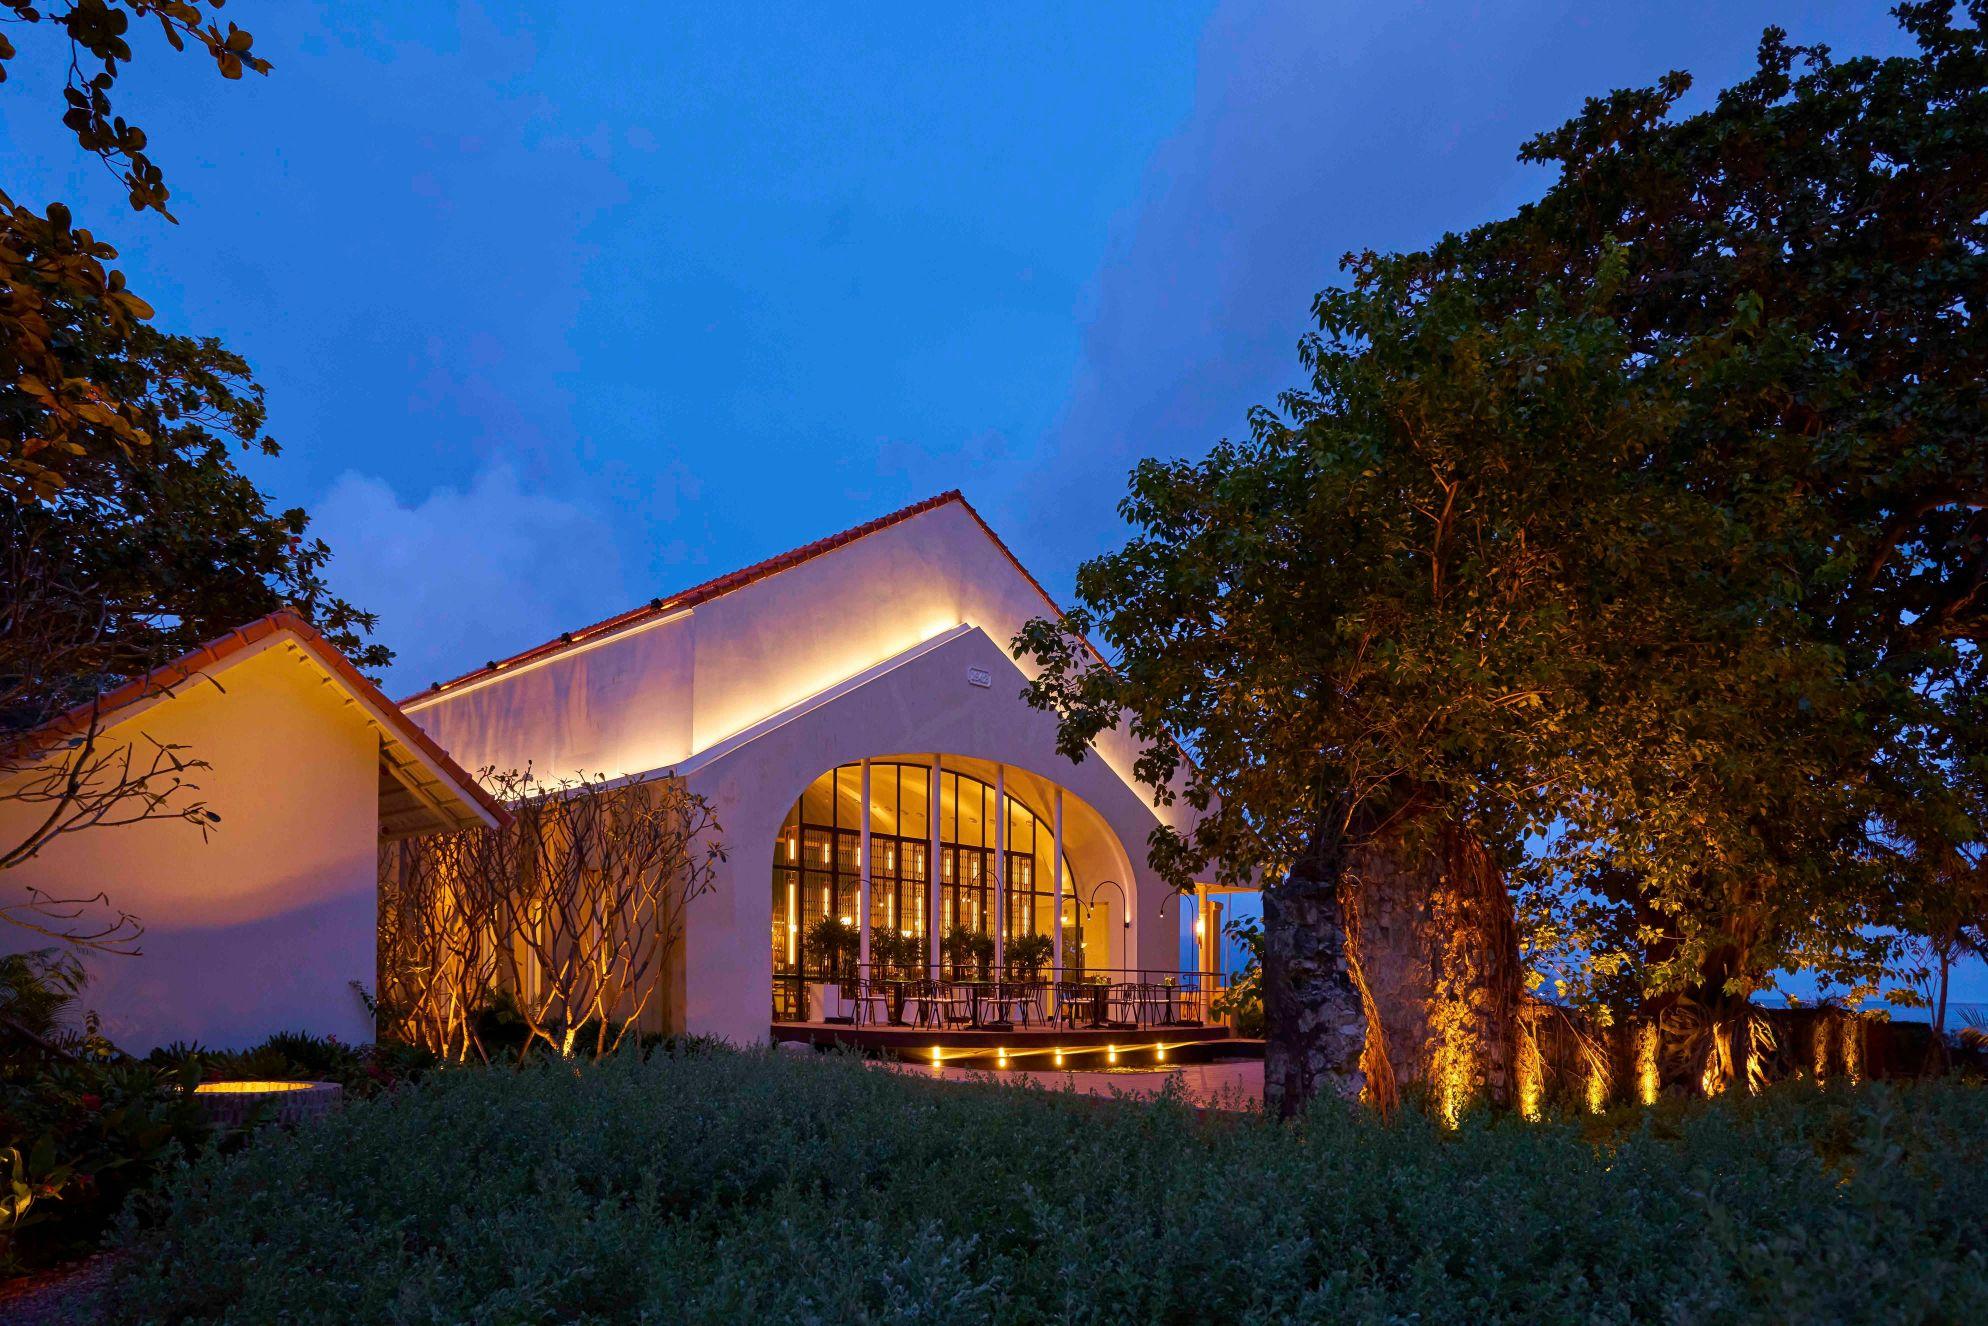 The Secret Restaurant  The Secret Côn Đảo tung ưu đãi hấp dẫn trong tháng 3 và 4